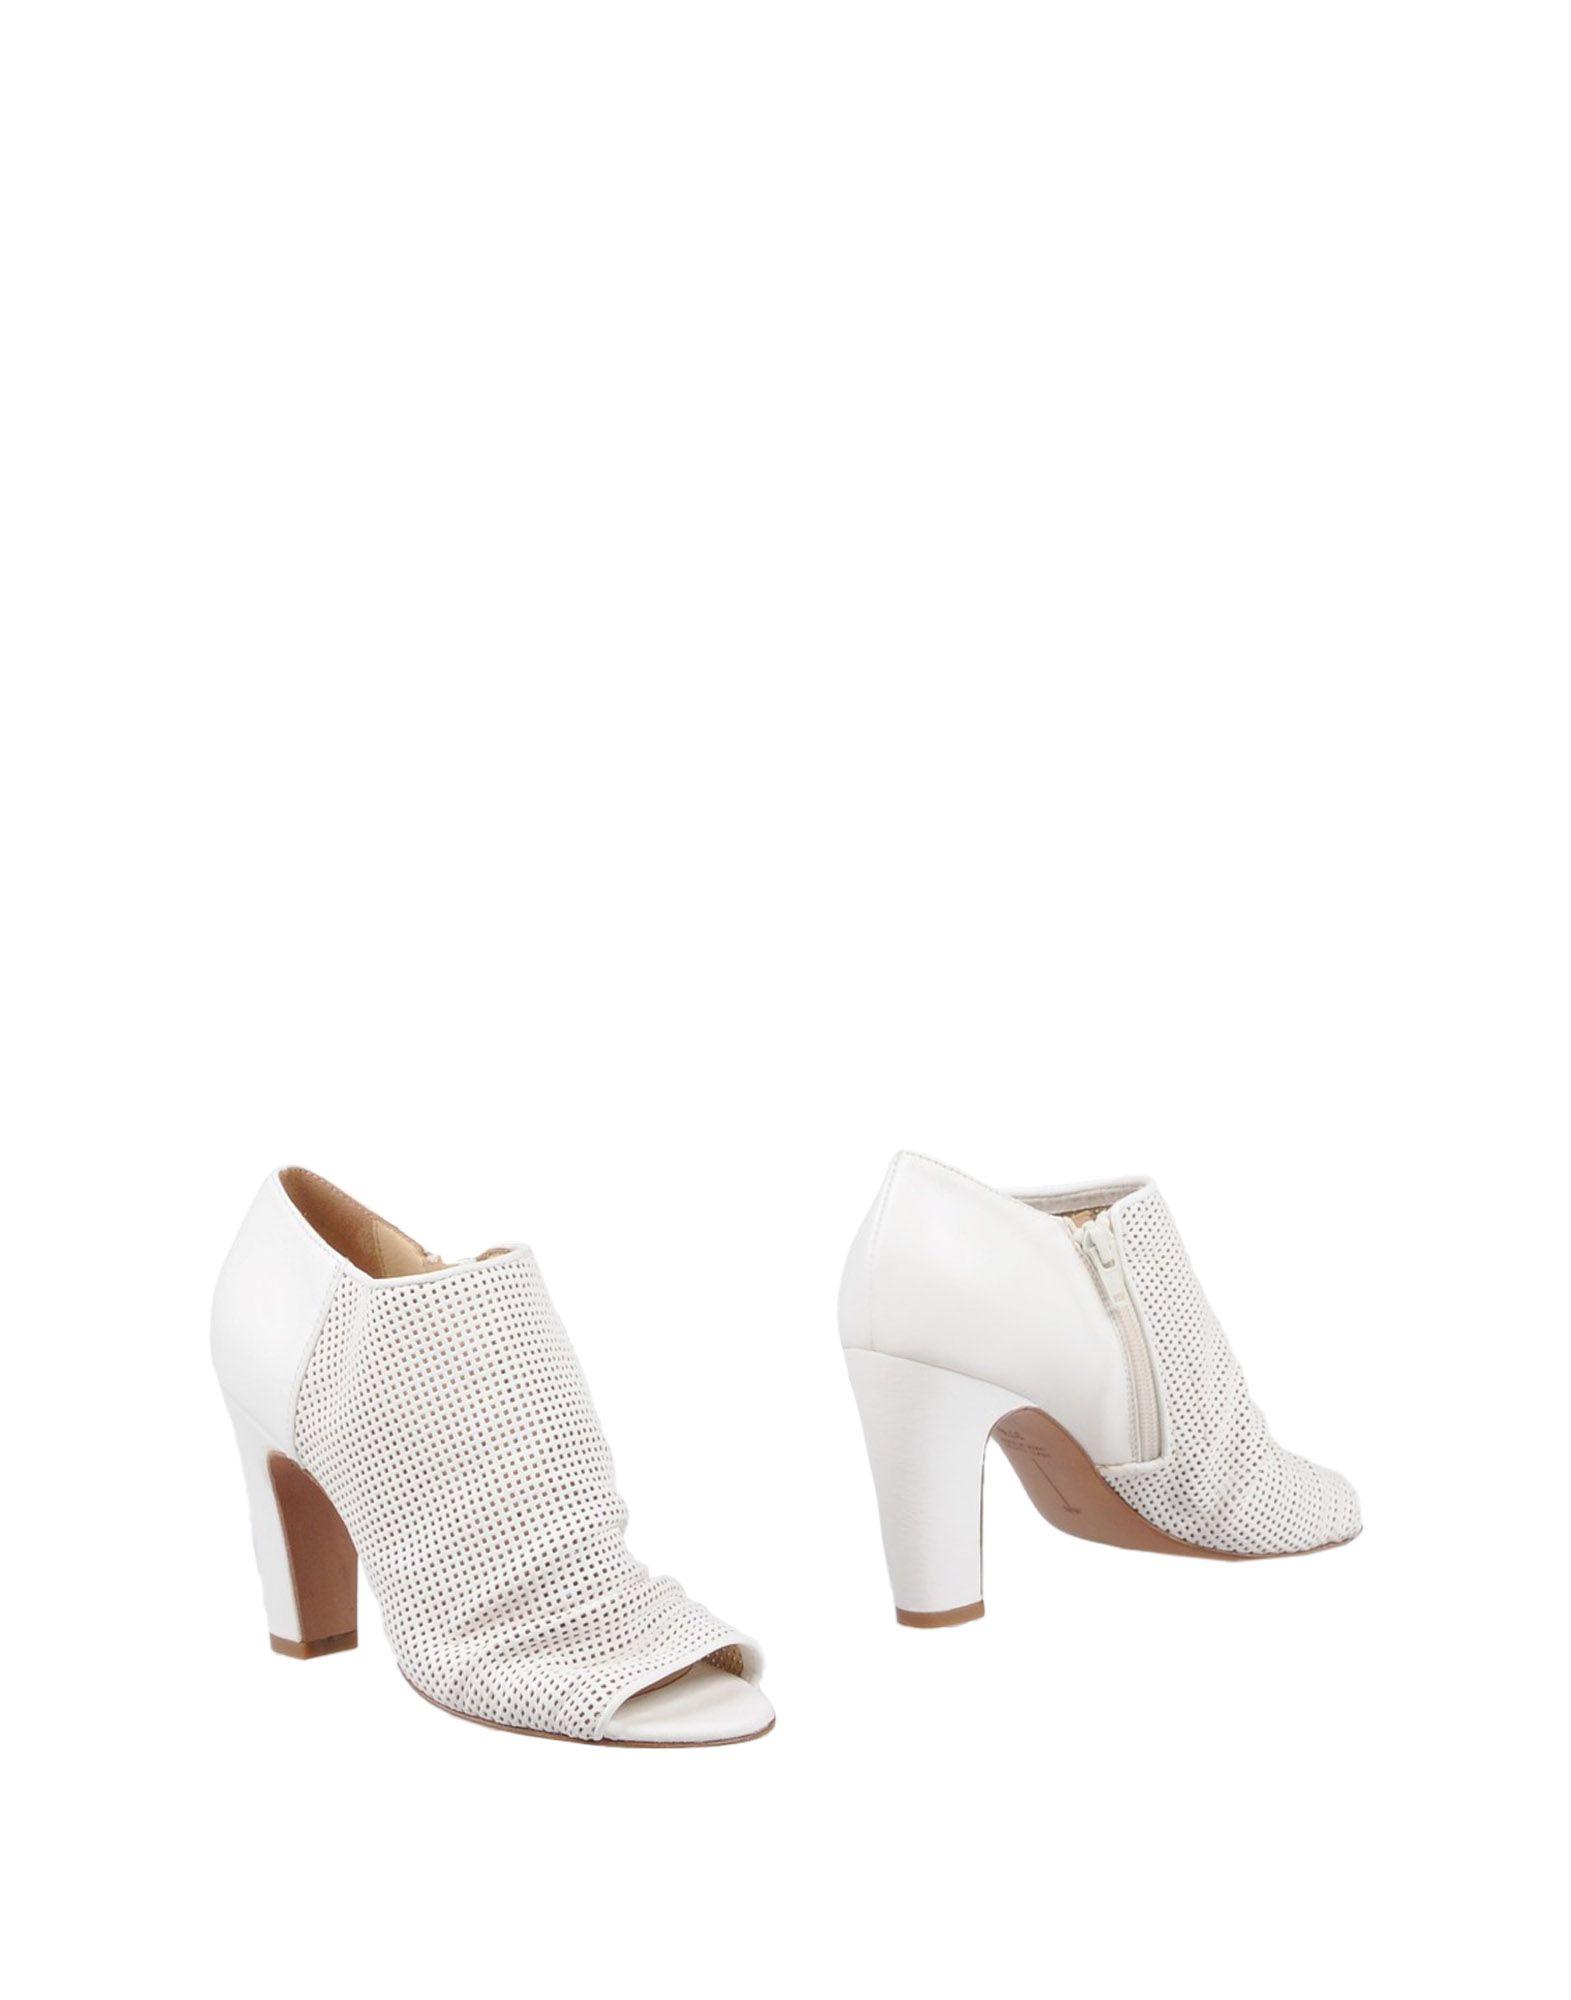 Fiorifrancesi Stiefelette Damen  11456741GK Gute Qualität beliebte Schuhe